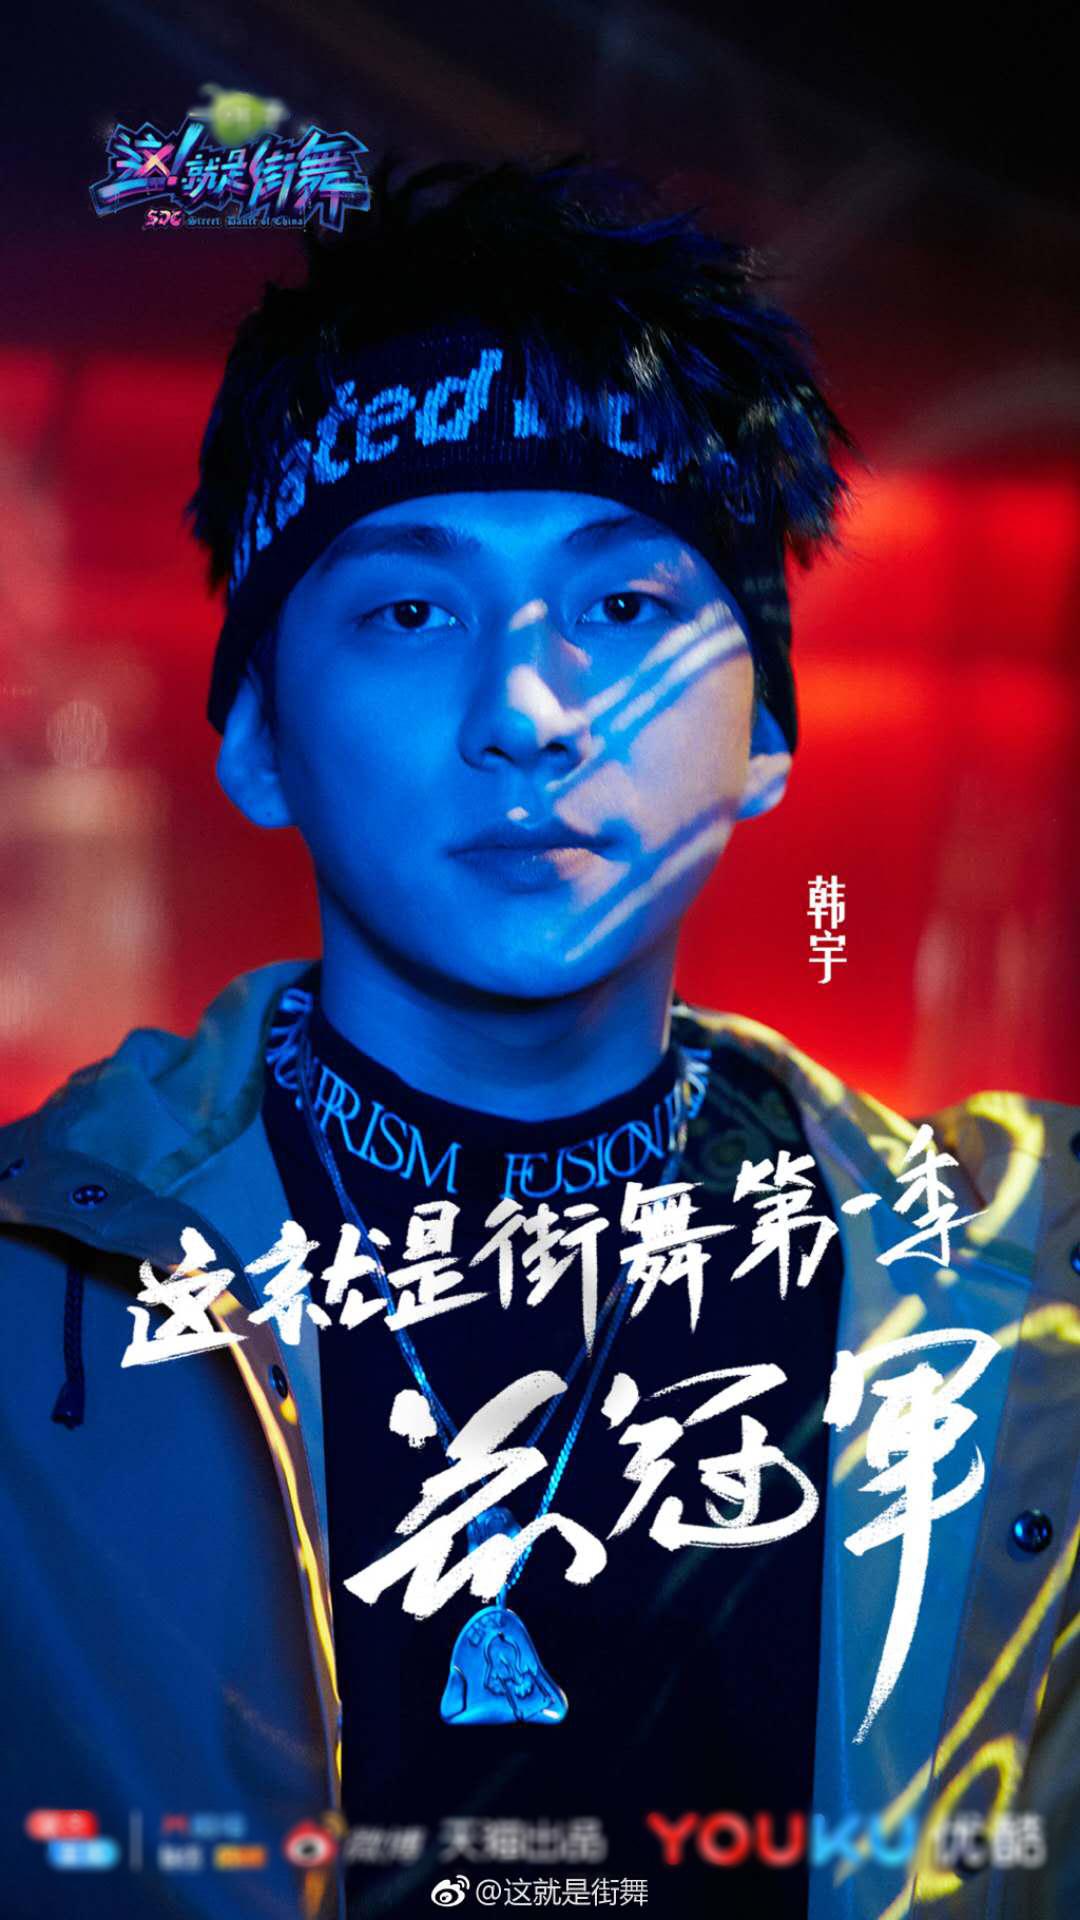 《这就是街舞》冠军,全能舞王韩宇出任燥点首席Battle官